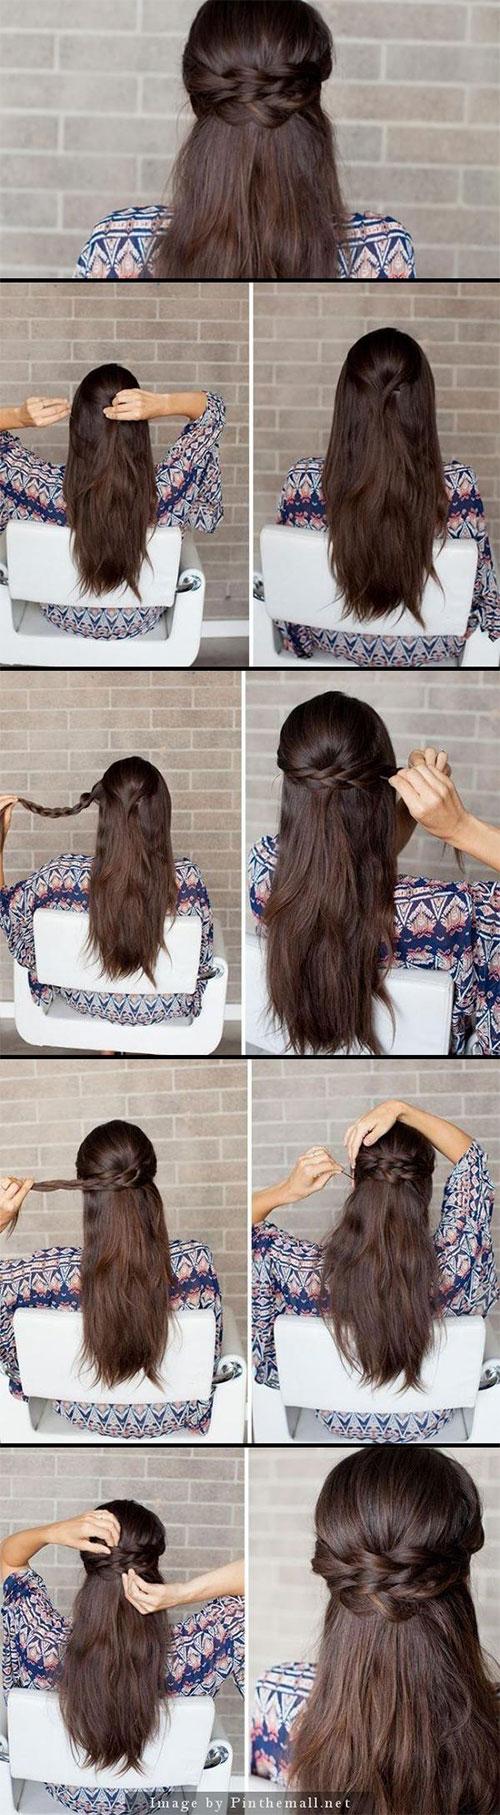 étape par étape coiffure demi-queue demi queue double tresse